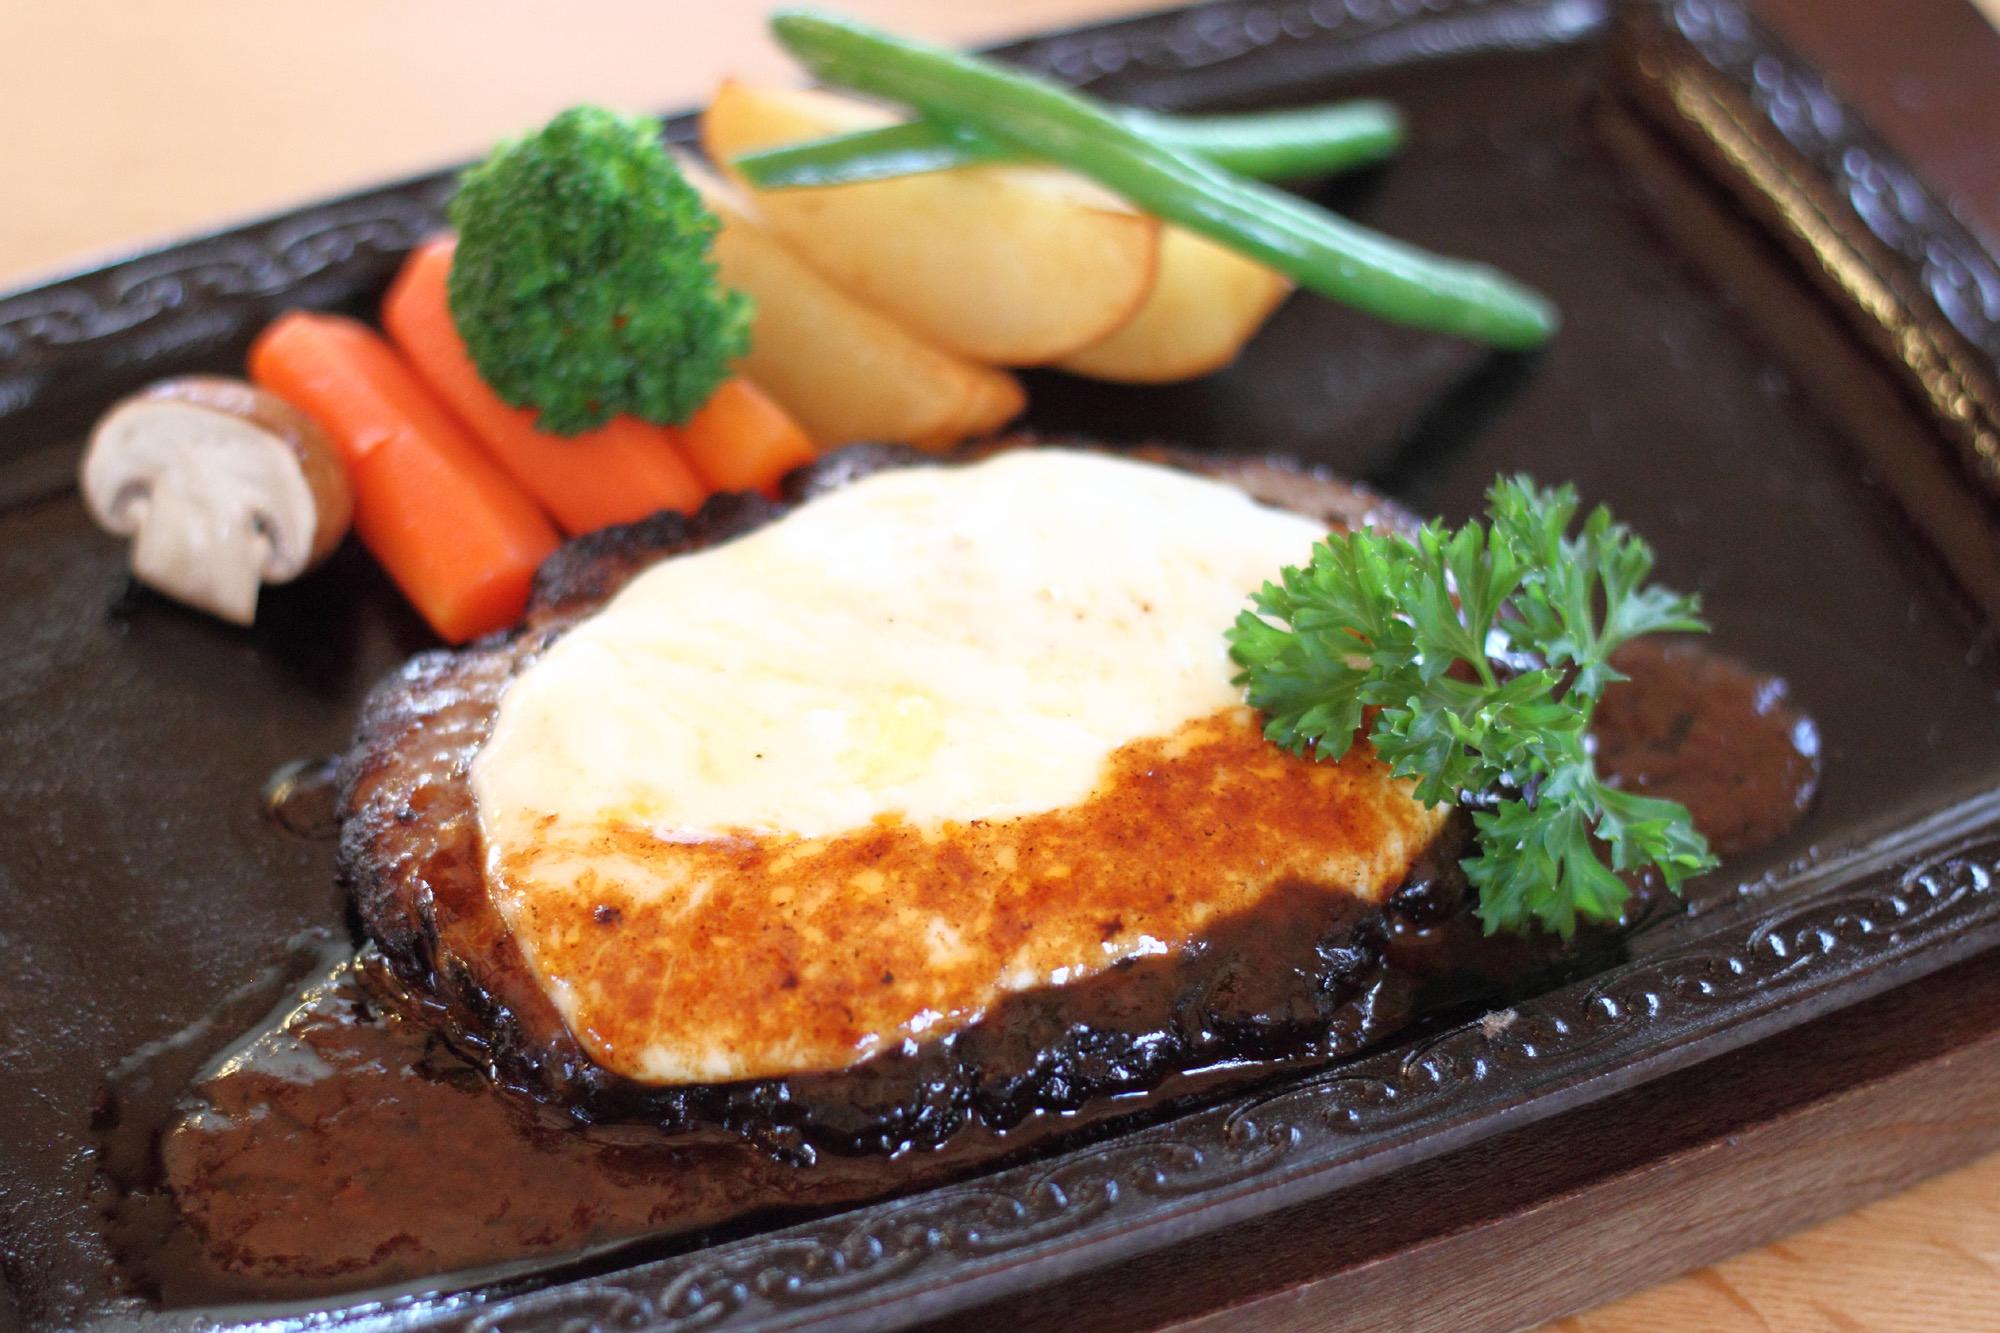 來牧場直營的餐廳品嚐經濟實惠的短角和牛料理!